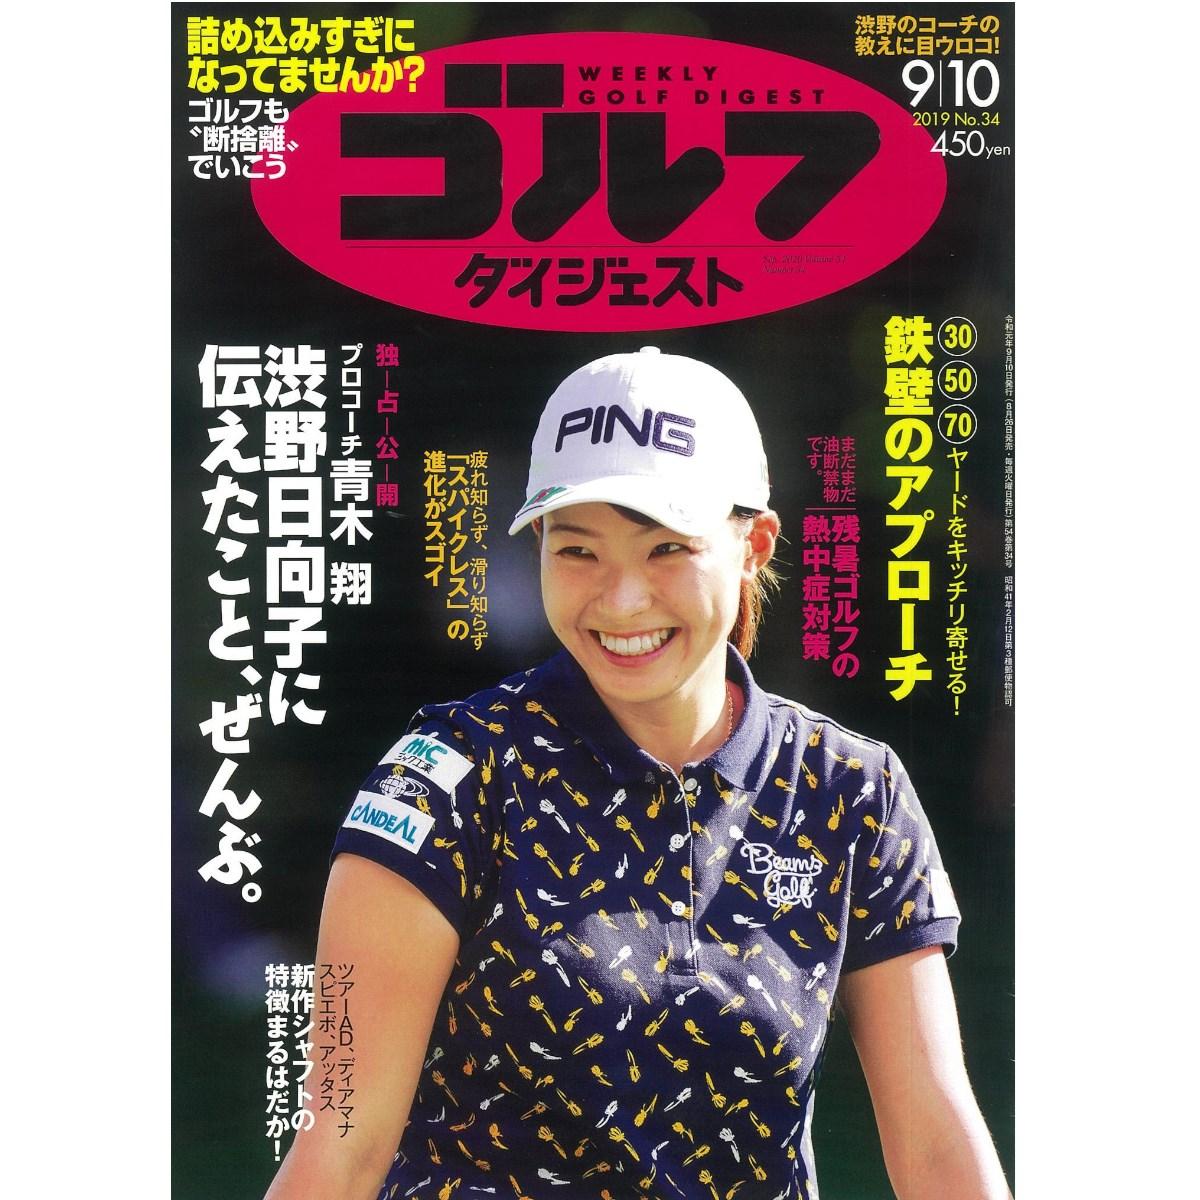 ゴルフダイジェスト(GolfDigest) 週刊ゴルフダイジェスト年間購読